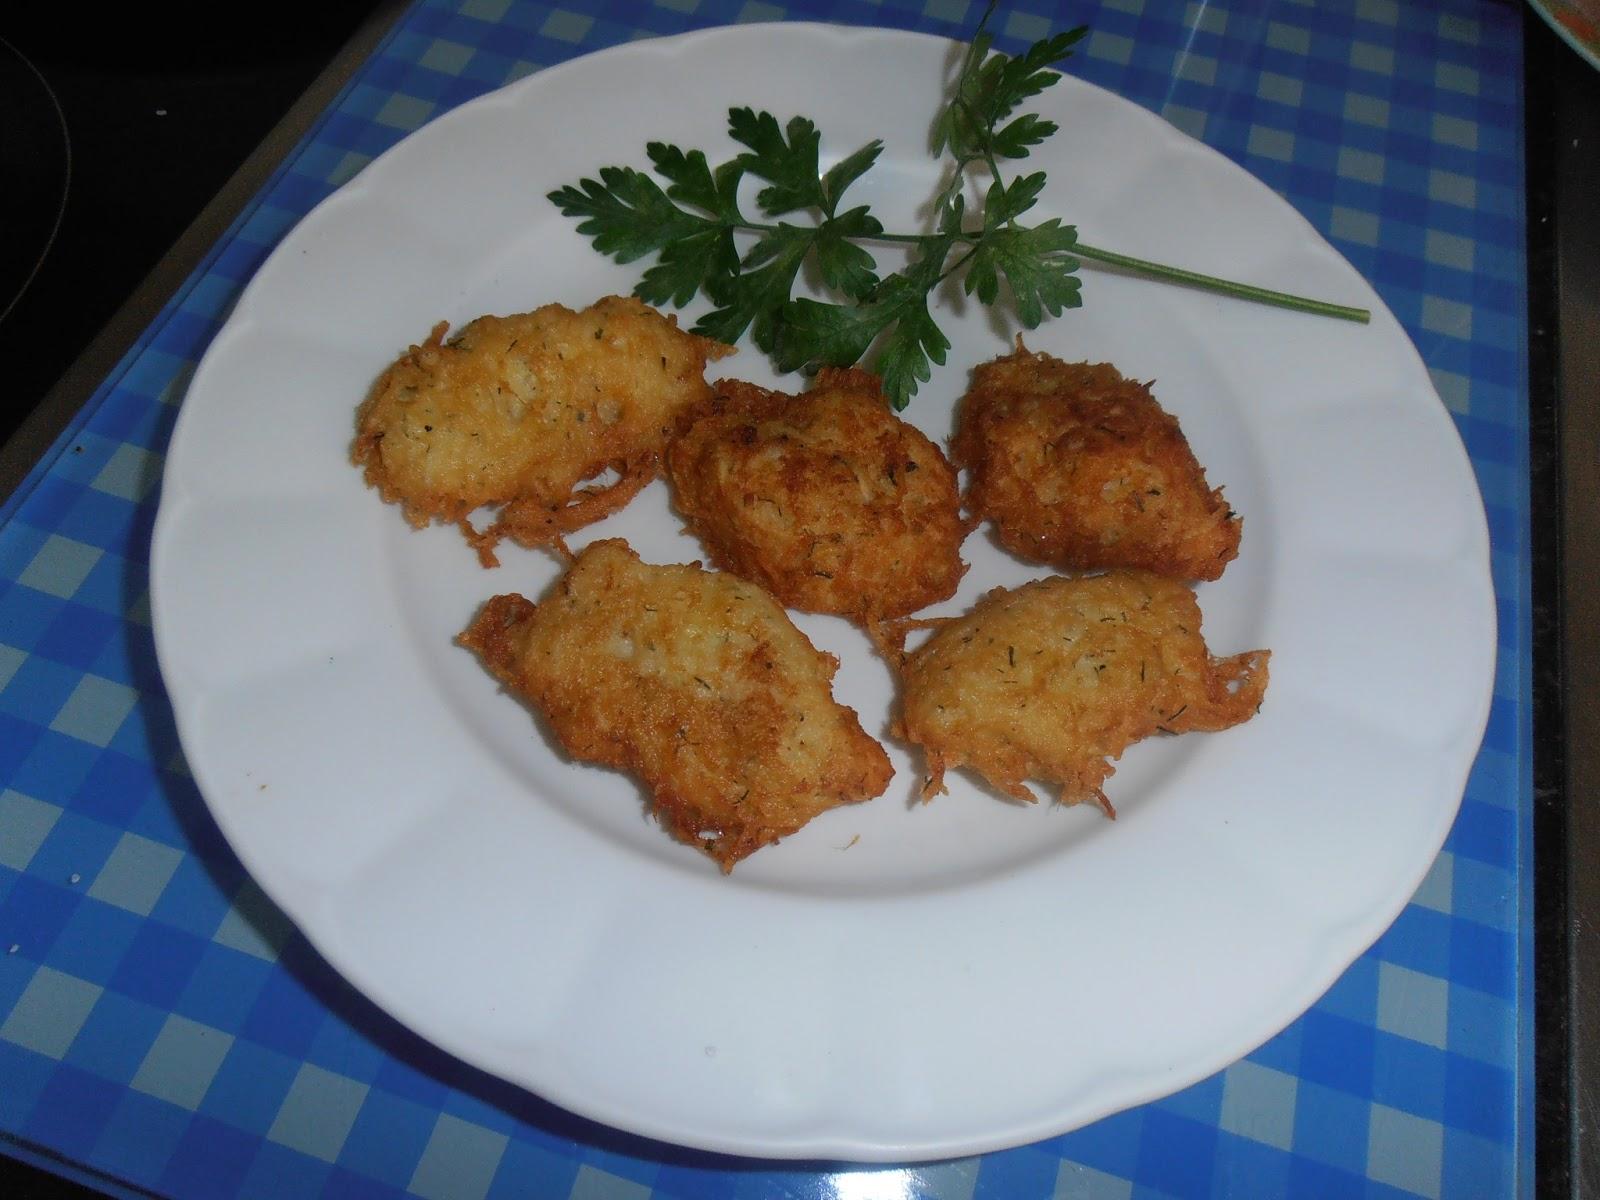 Delikasero alb ndigas de patatas - Albondigas de patata ...